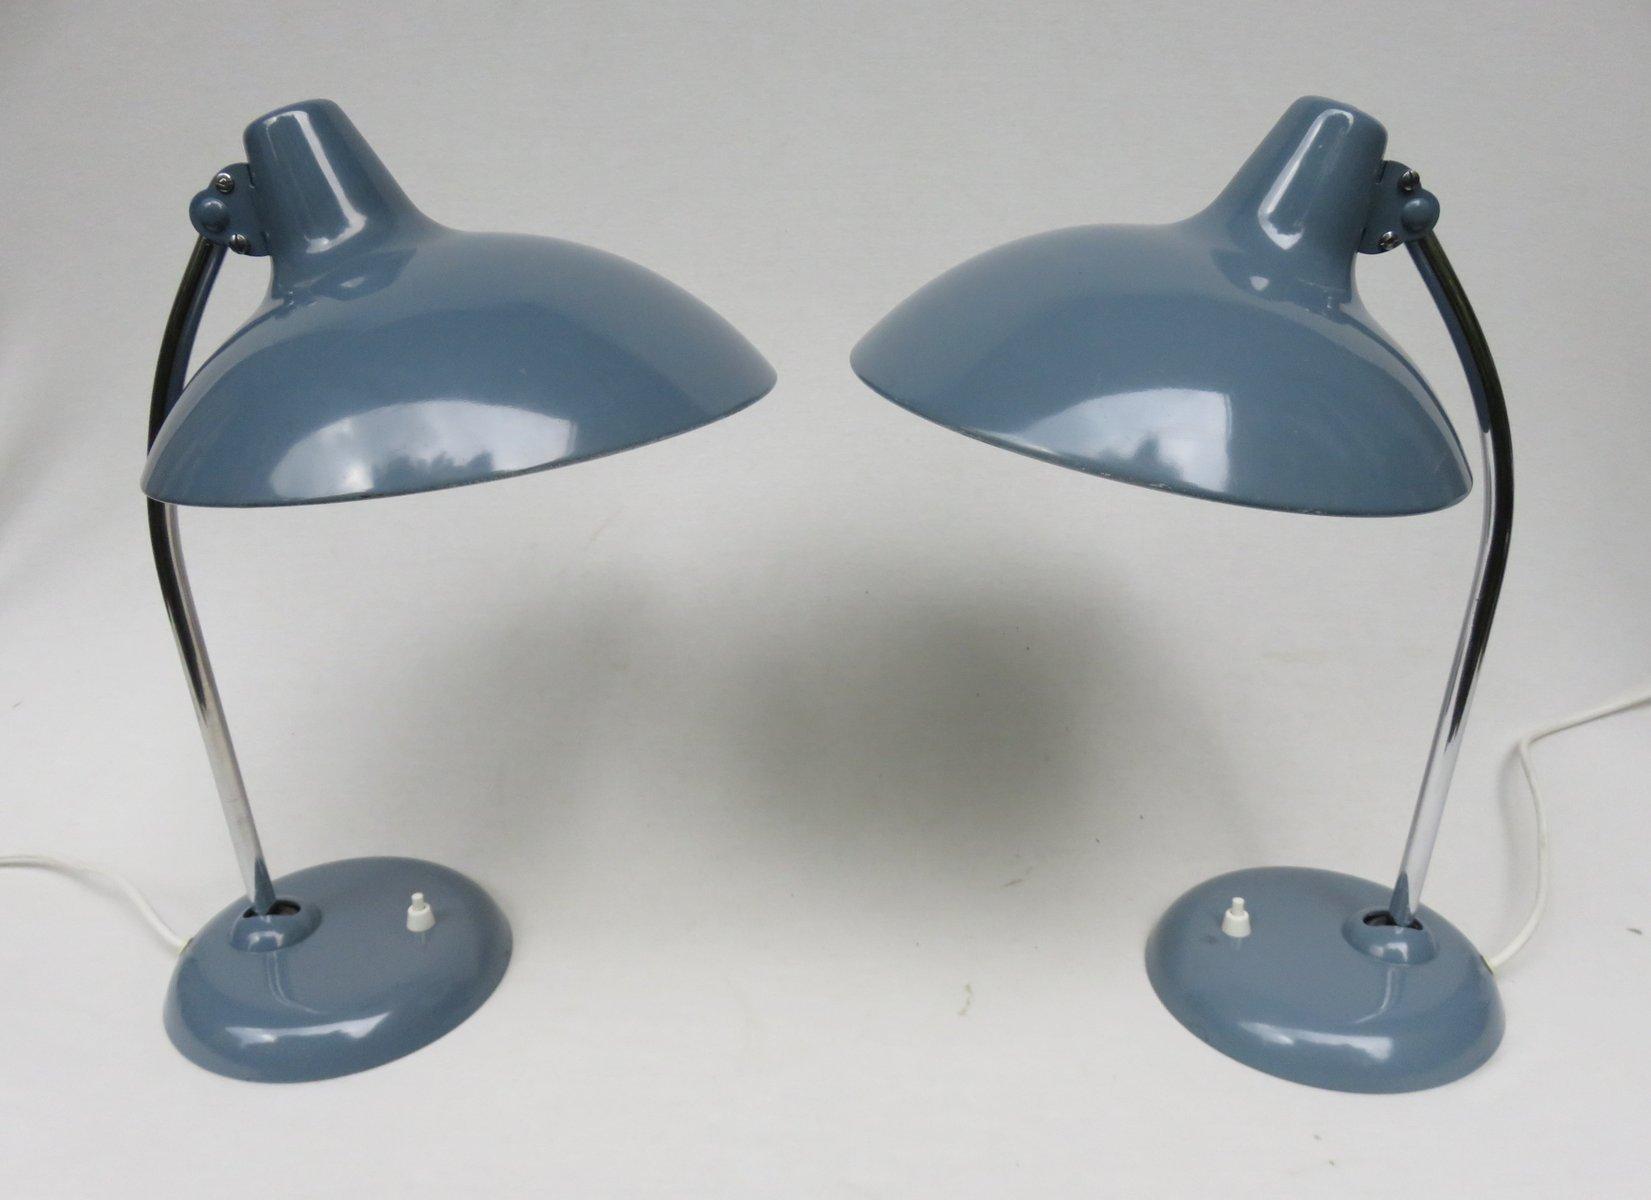 chrom tischlampen in taubenblau von kaiser leuchten. Black Bedroom Furniture Sets. Home Design Ideas